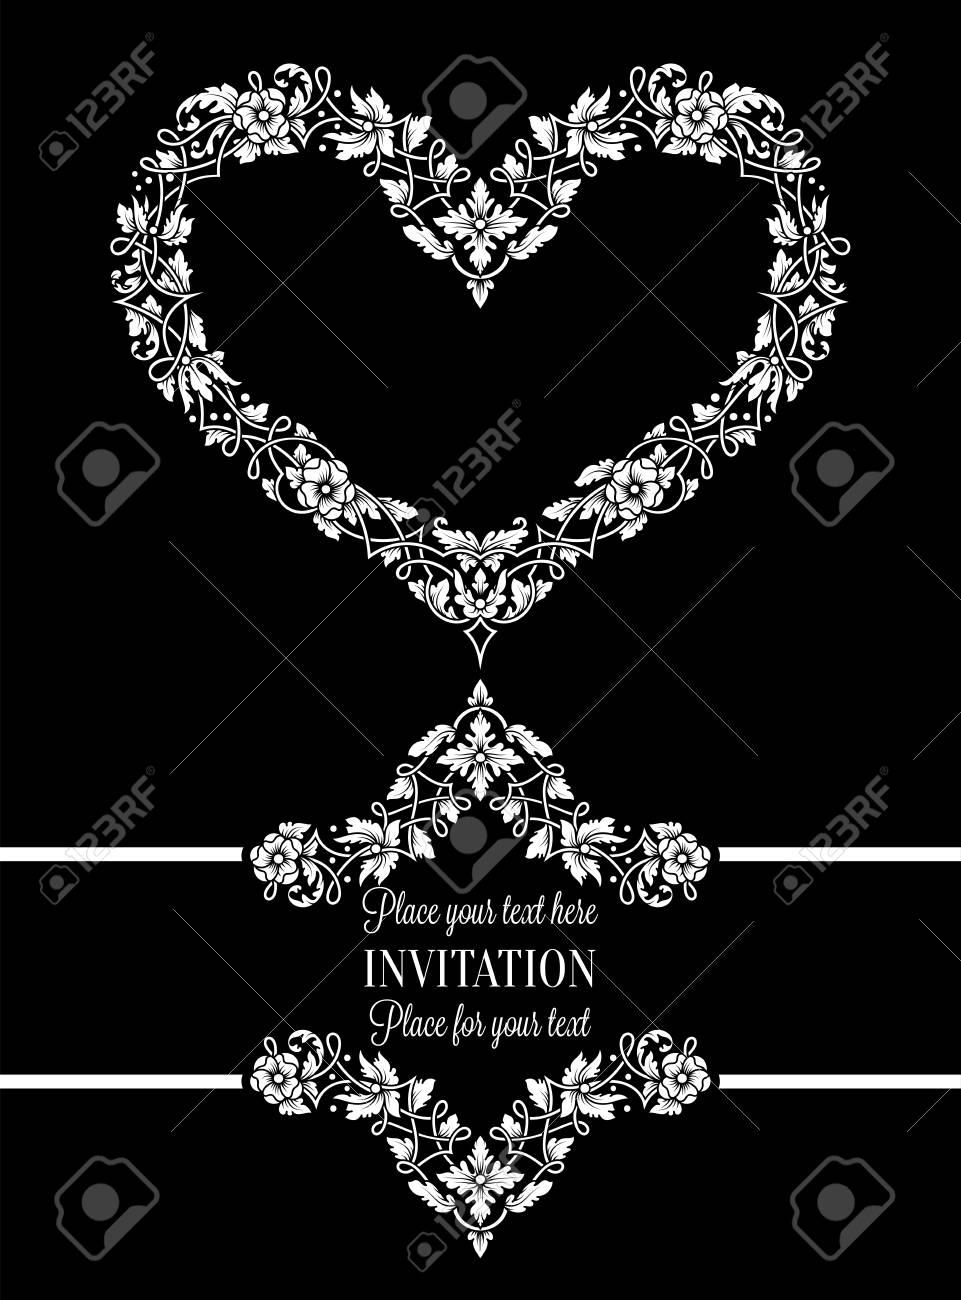 Tarjeta De Invitación Floral Con Antigüedad, Marco Blanco Y Negro De ...